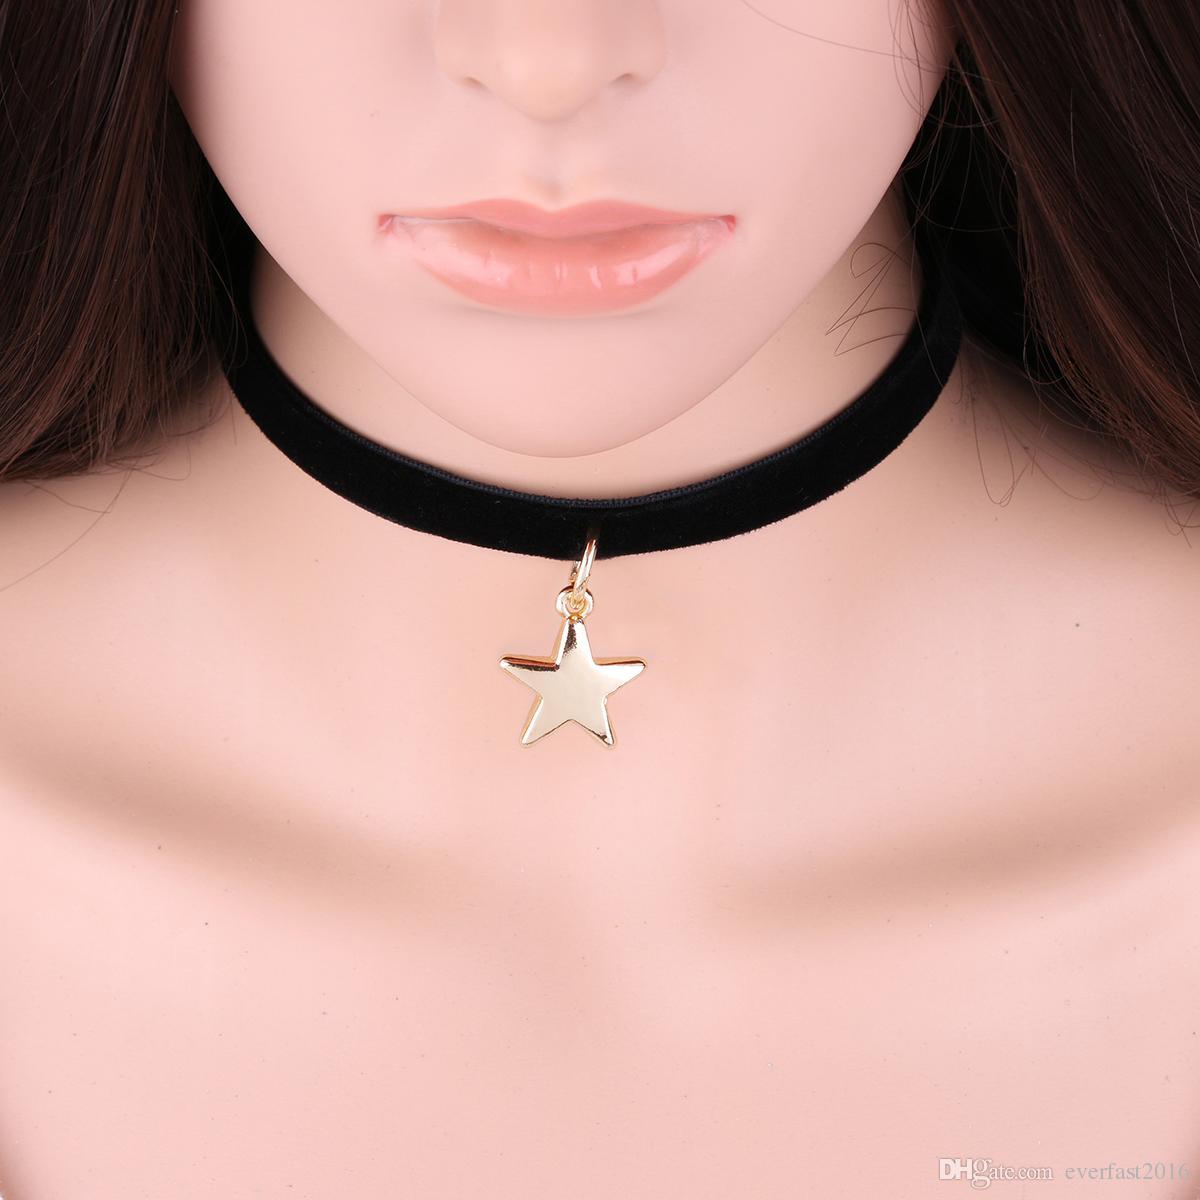 New Arrival Tiny Mill Finish Star Pendant Black Korea Velvet Rope Choker Collar Necklace Female Collier Bijoux Girls Gift EFN005V